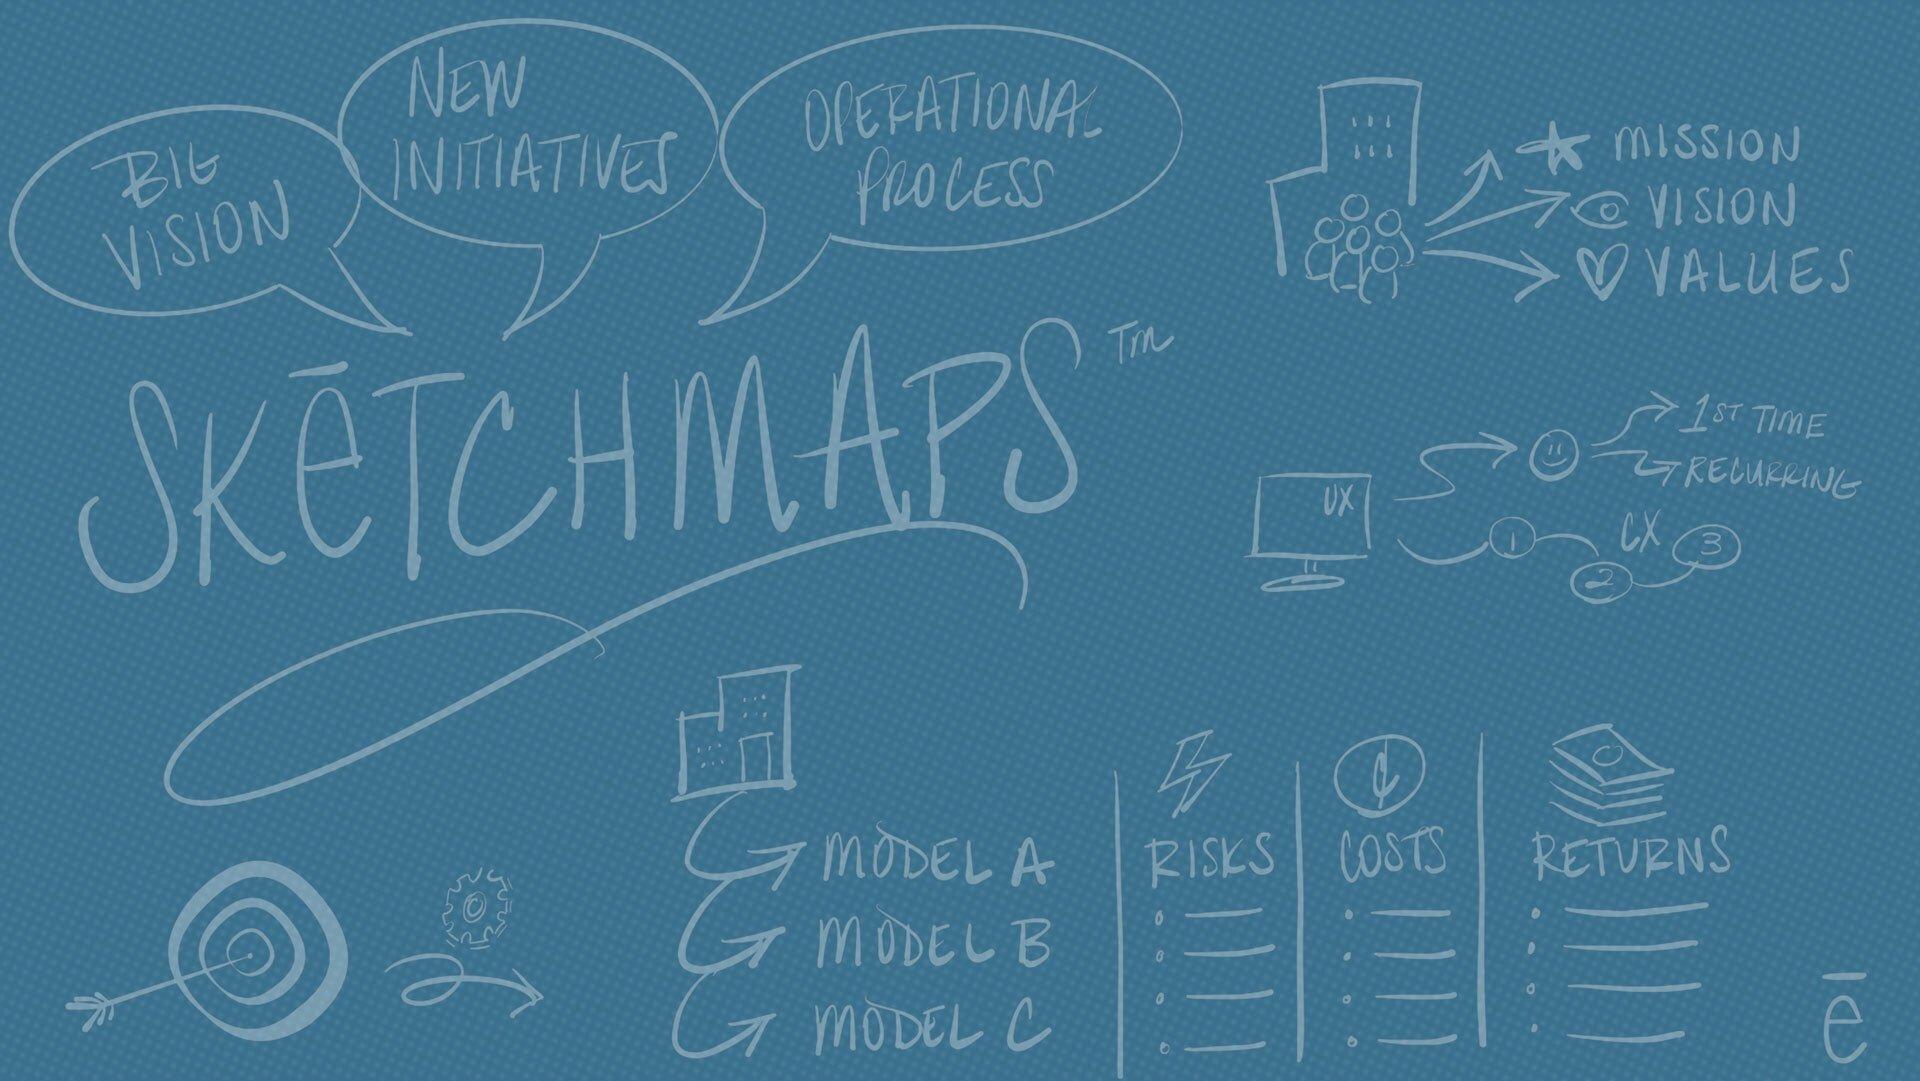 1-of-3-nocrop-sketchmaps (1)